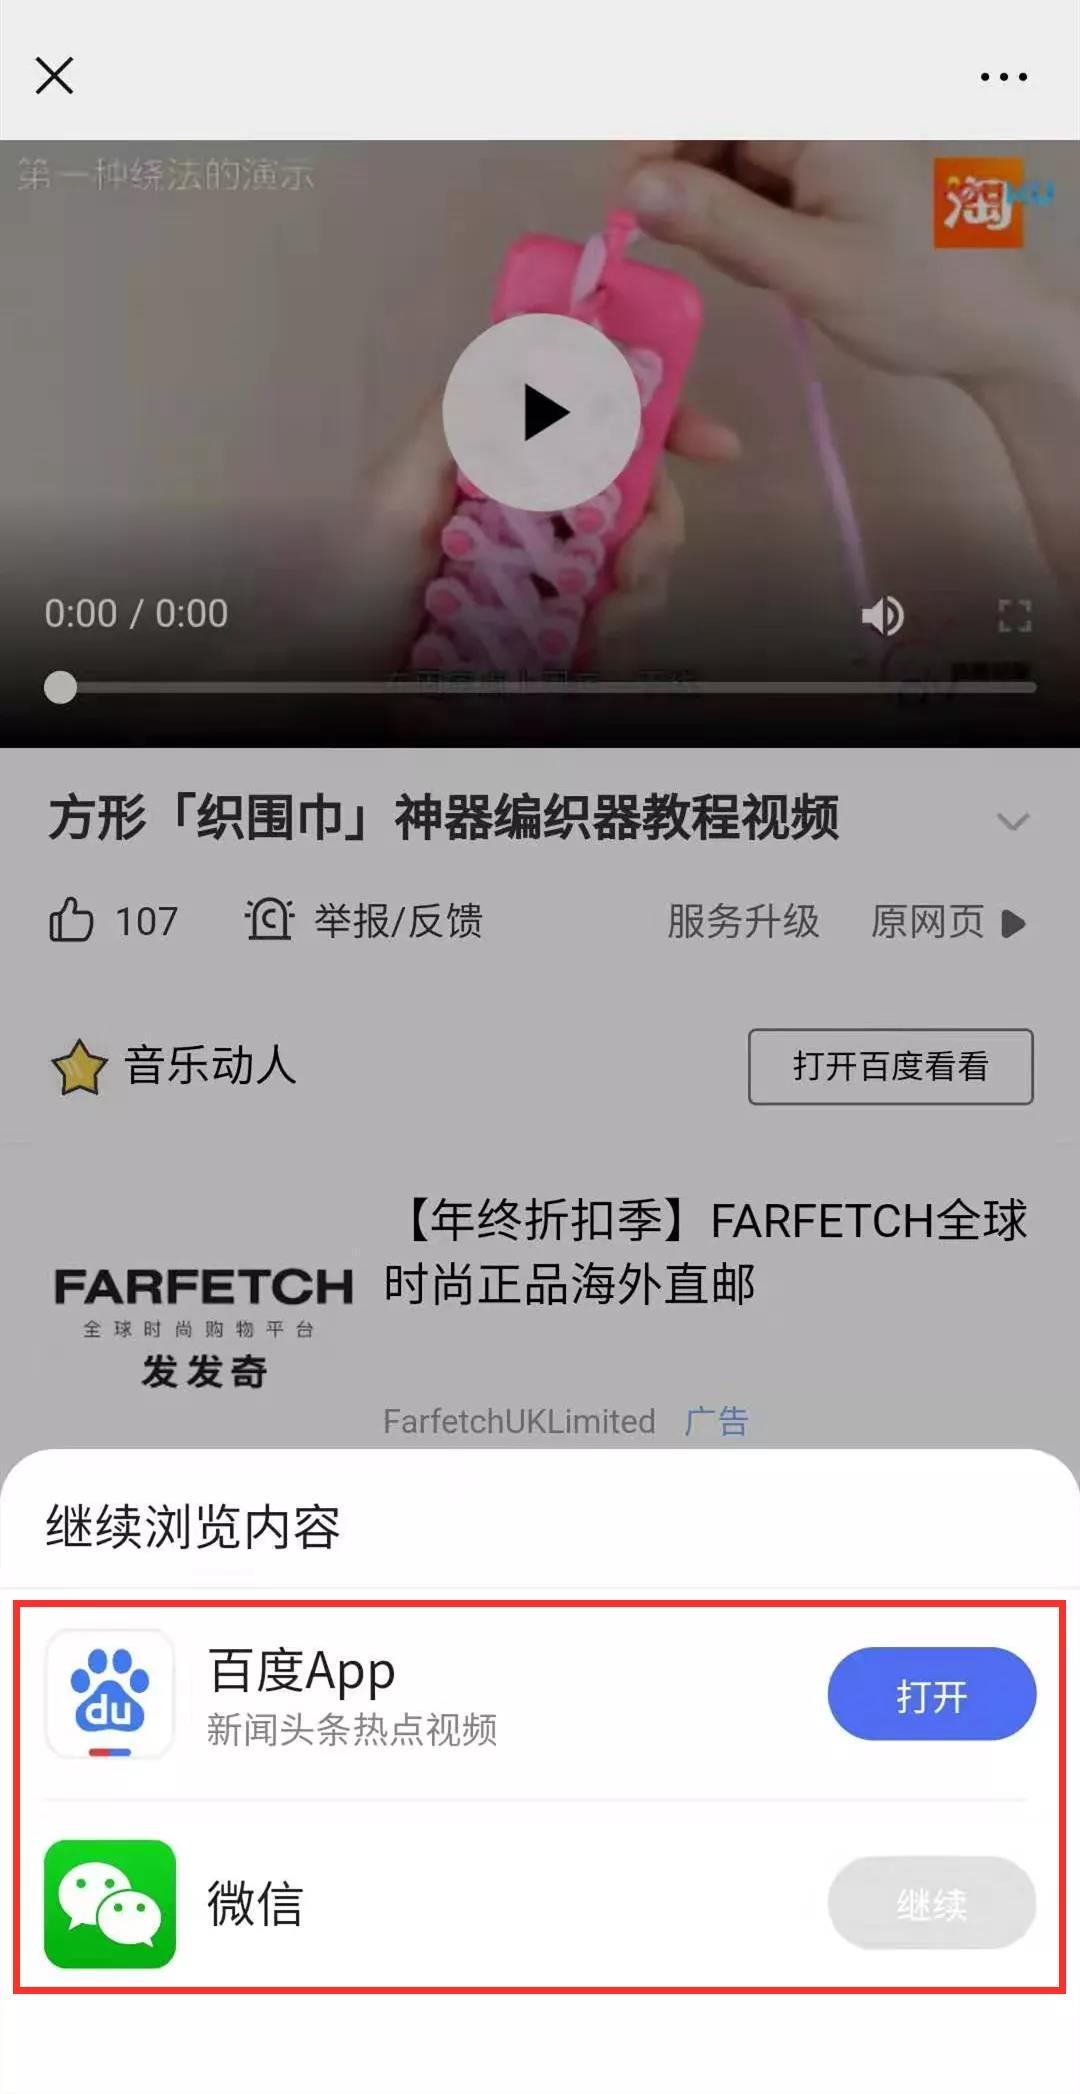 腾讯:我疯起来连我自己都打!微信宣布封杀QQ音乐/拼多多等域名链接-第4张